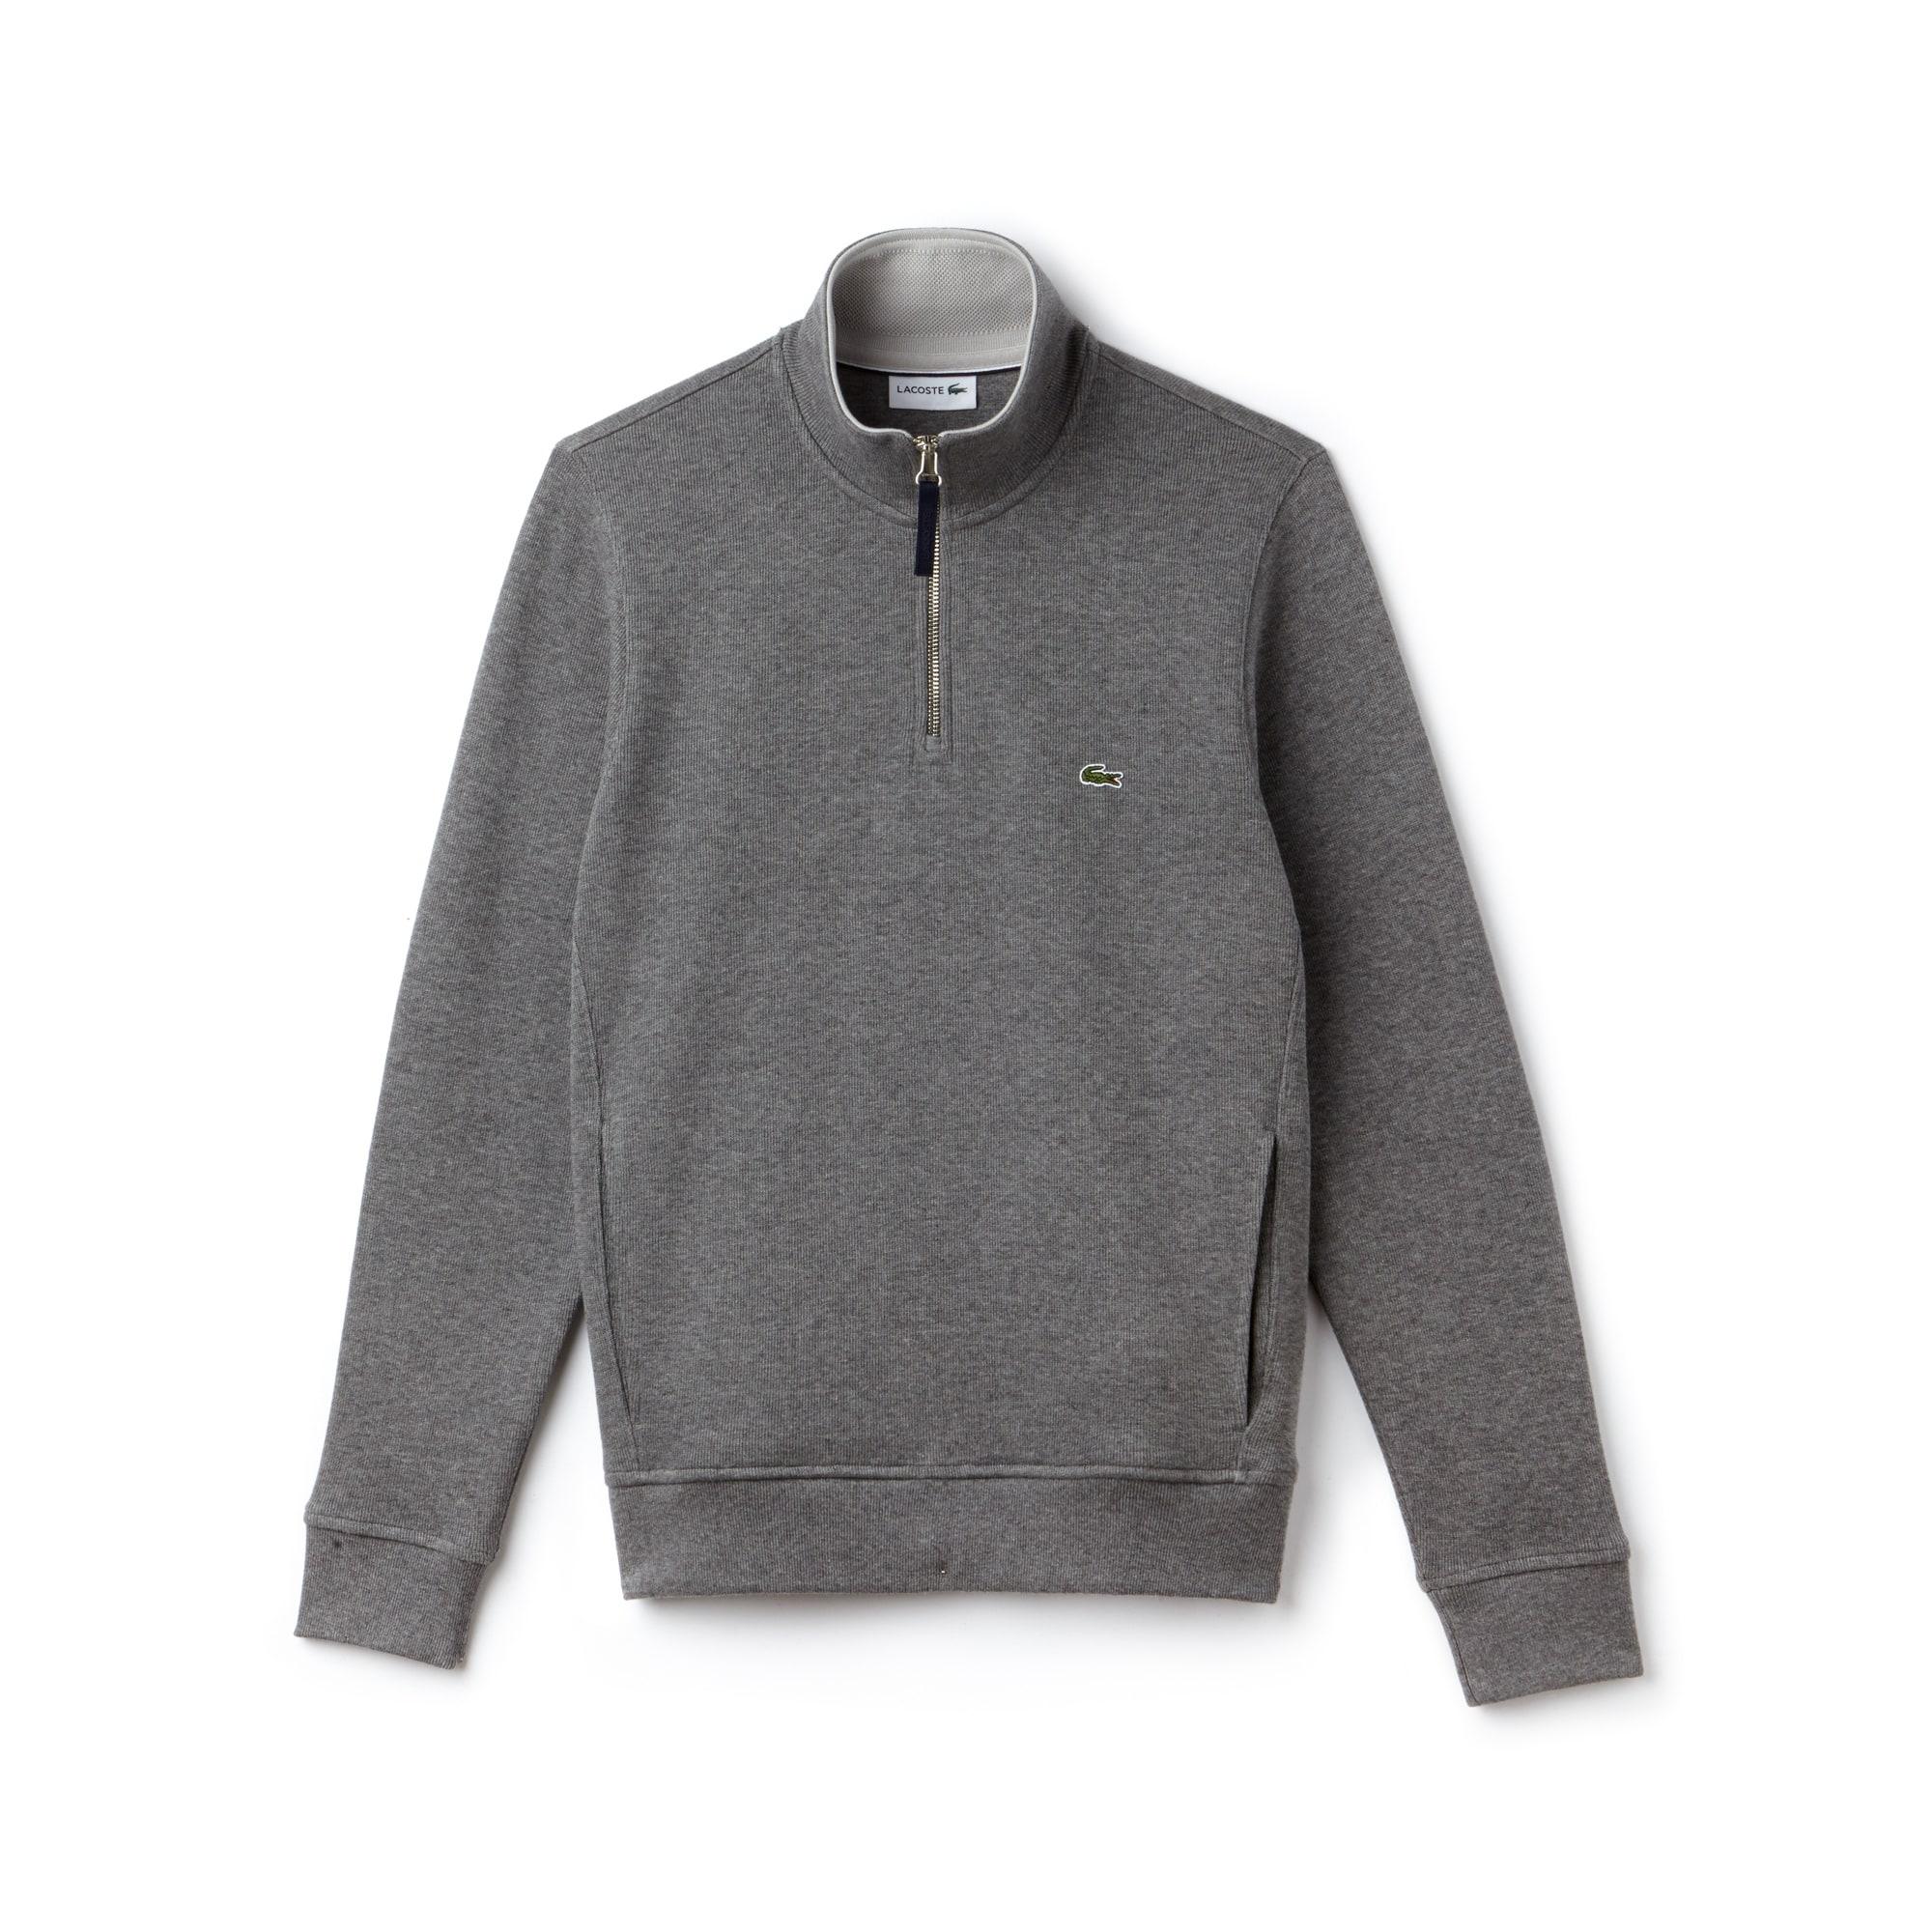 Sweatshirt de gola subida com fecho de correr em interlock canelado